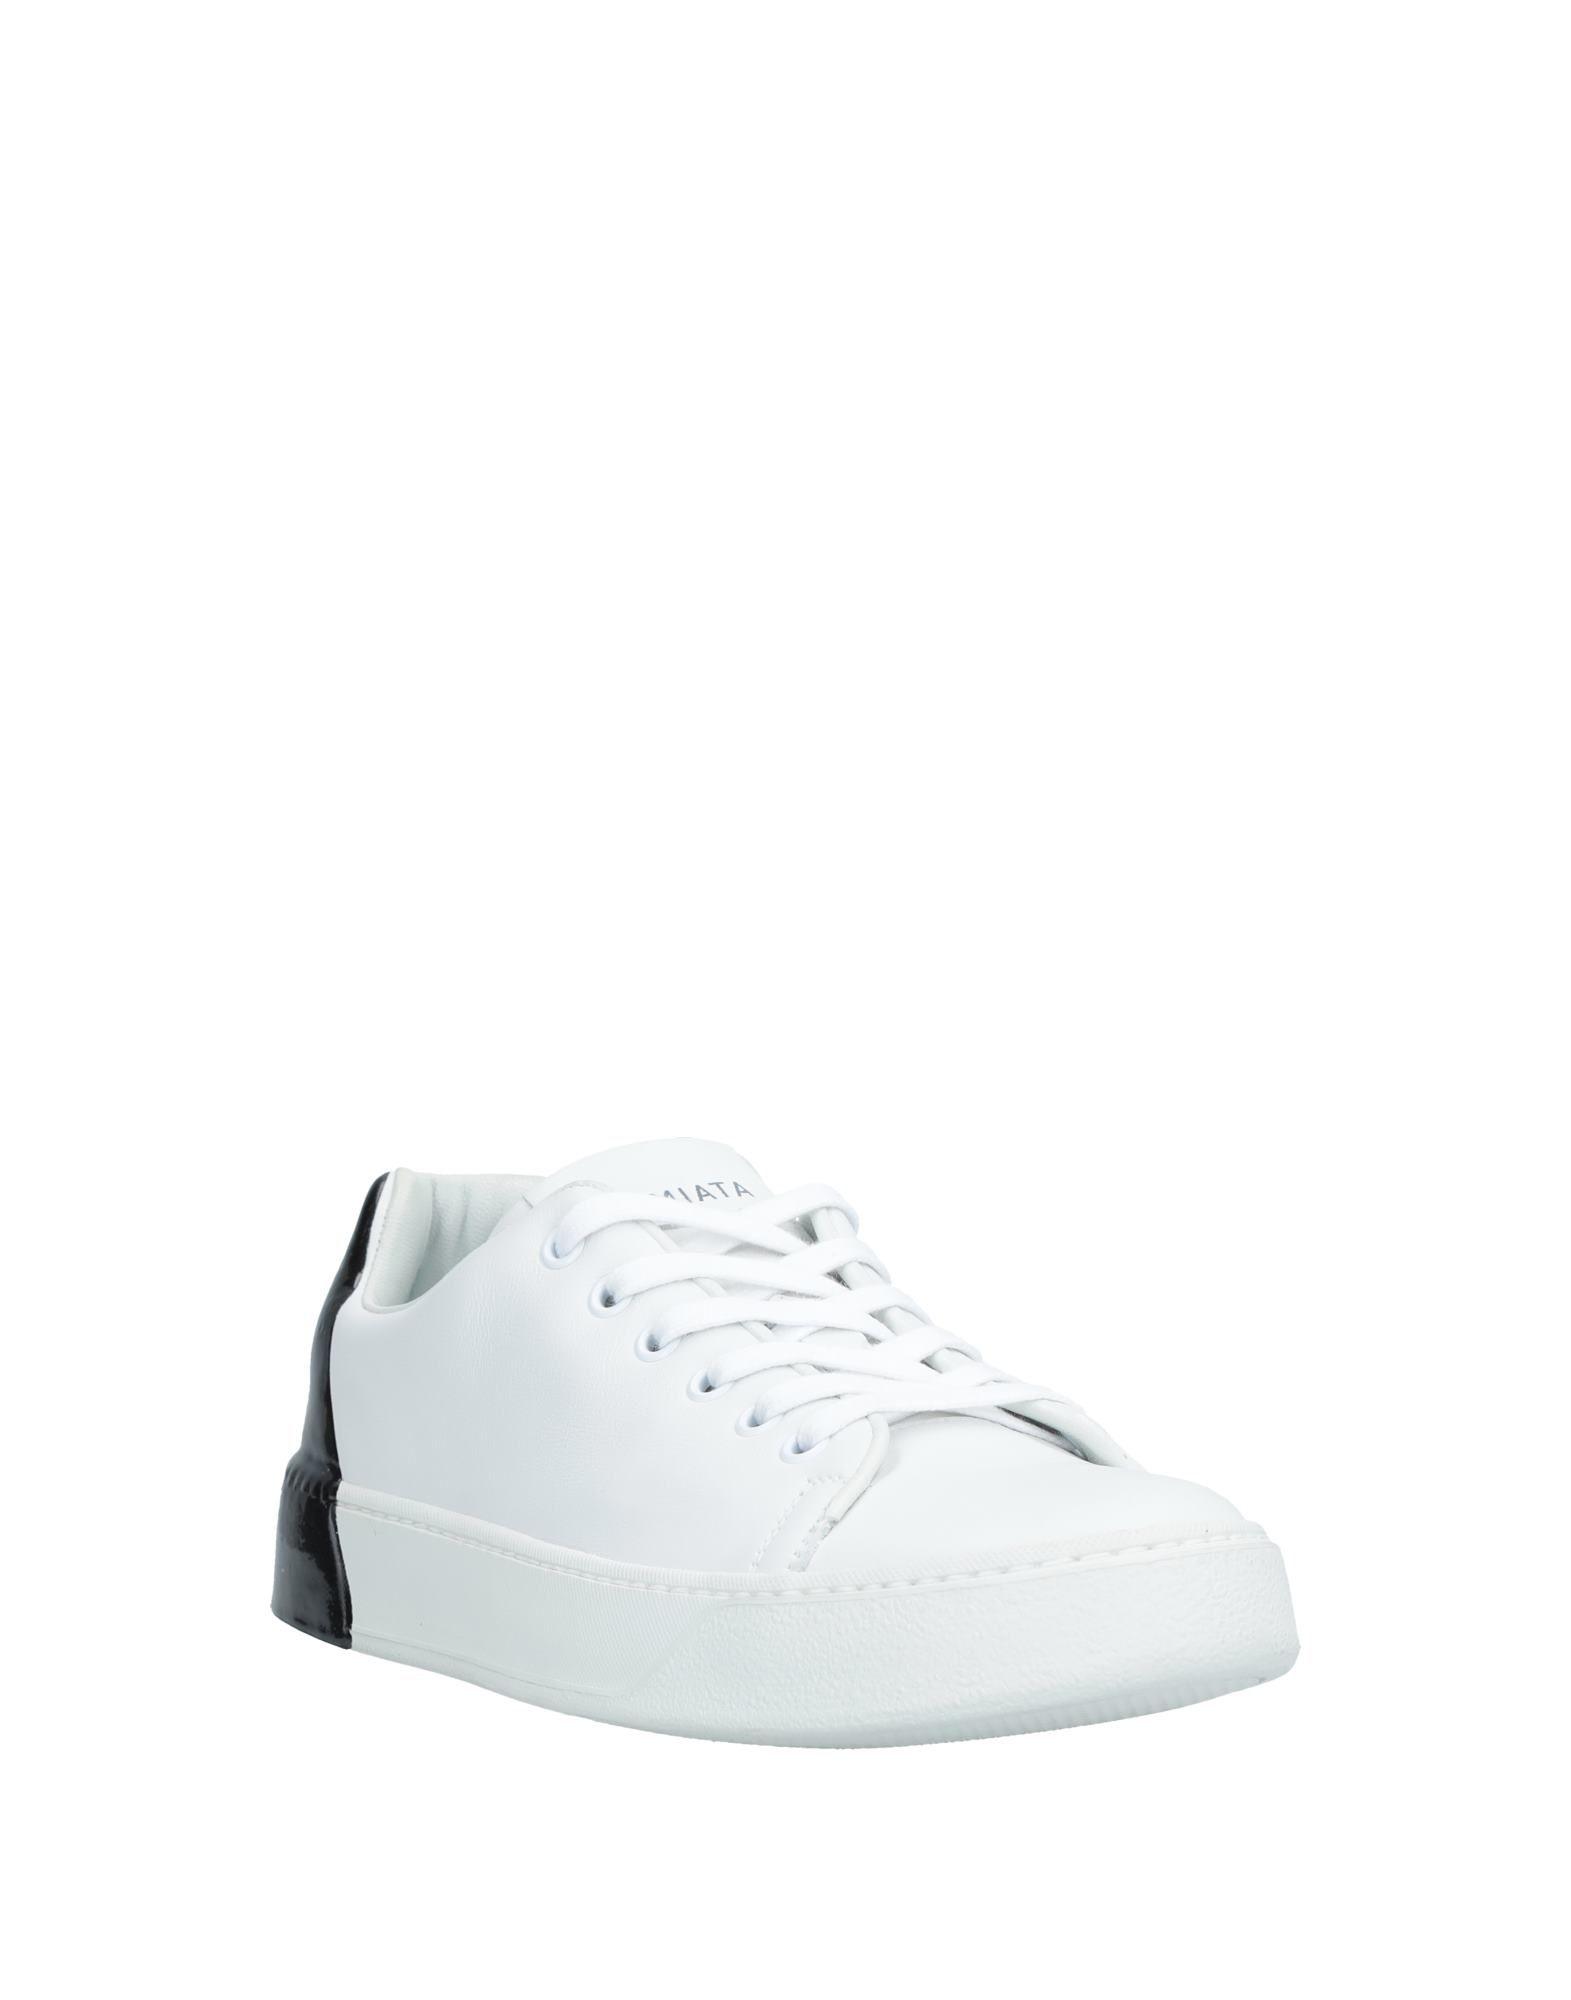 Premiata 11535918TU Sneakers Herren  11535918TU Premiata Gute Qualität beliebte Schuhe fa7b48